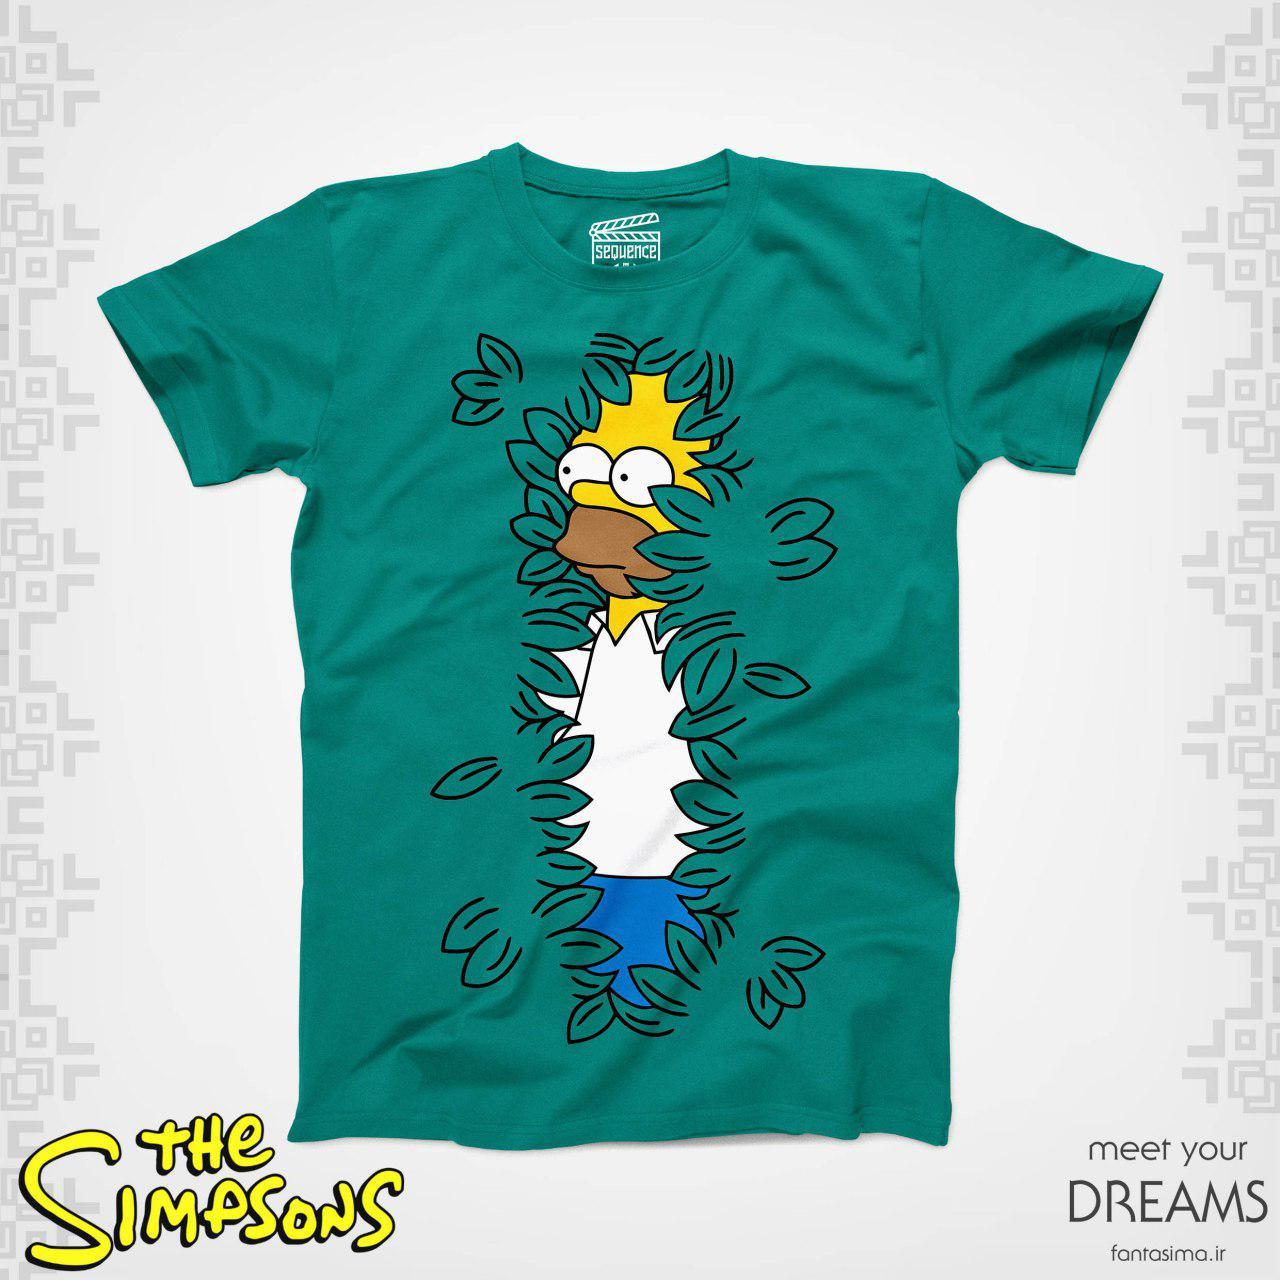 تیشرت سبز هومر سیمپسون